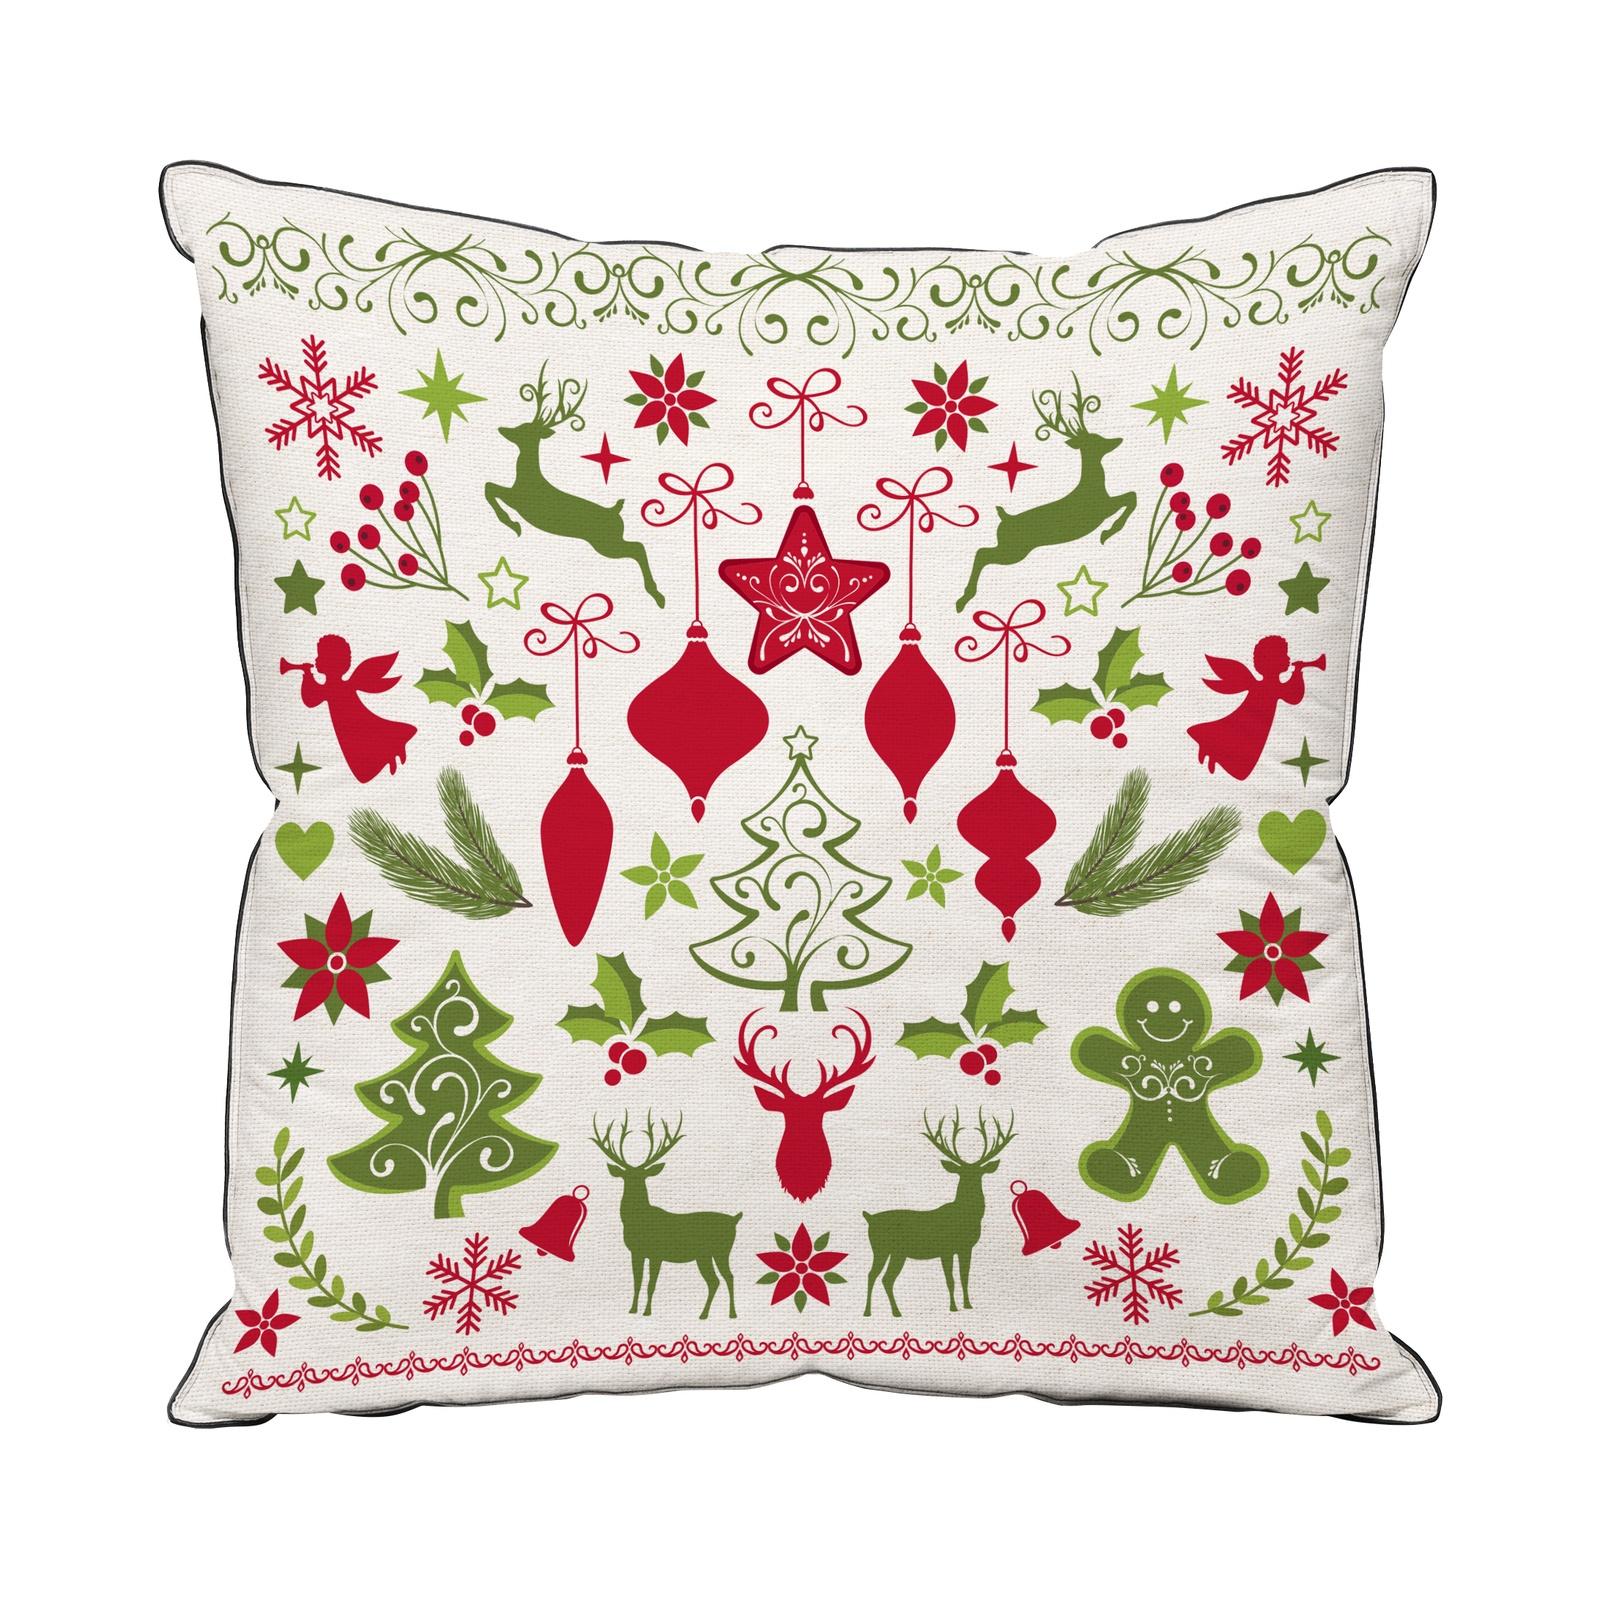 Подушка декоративная с фотопечатью Традиция Новый год, 4052, Праздник, 40x40 цена